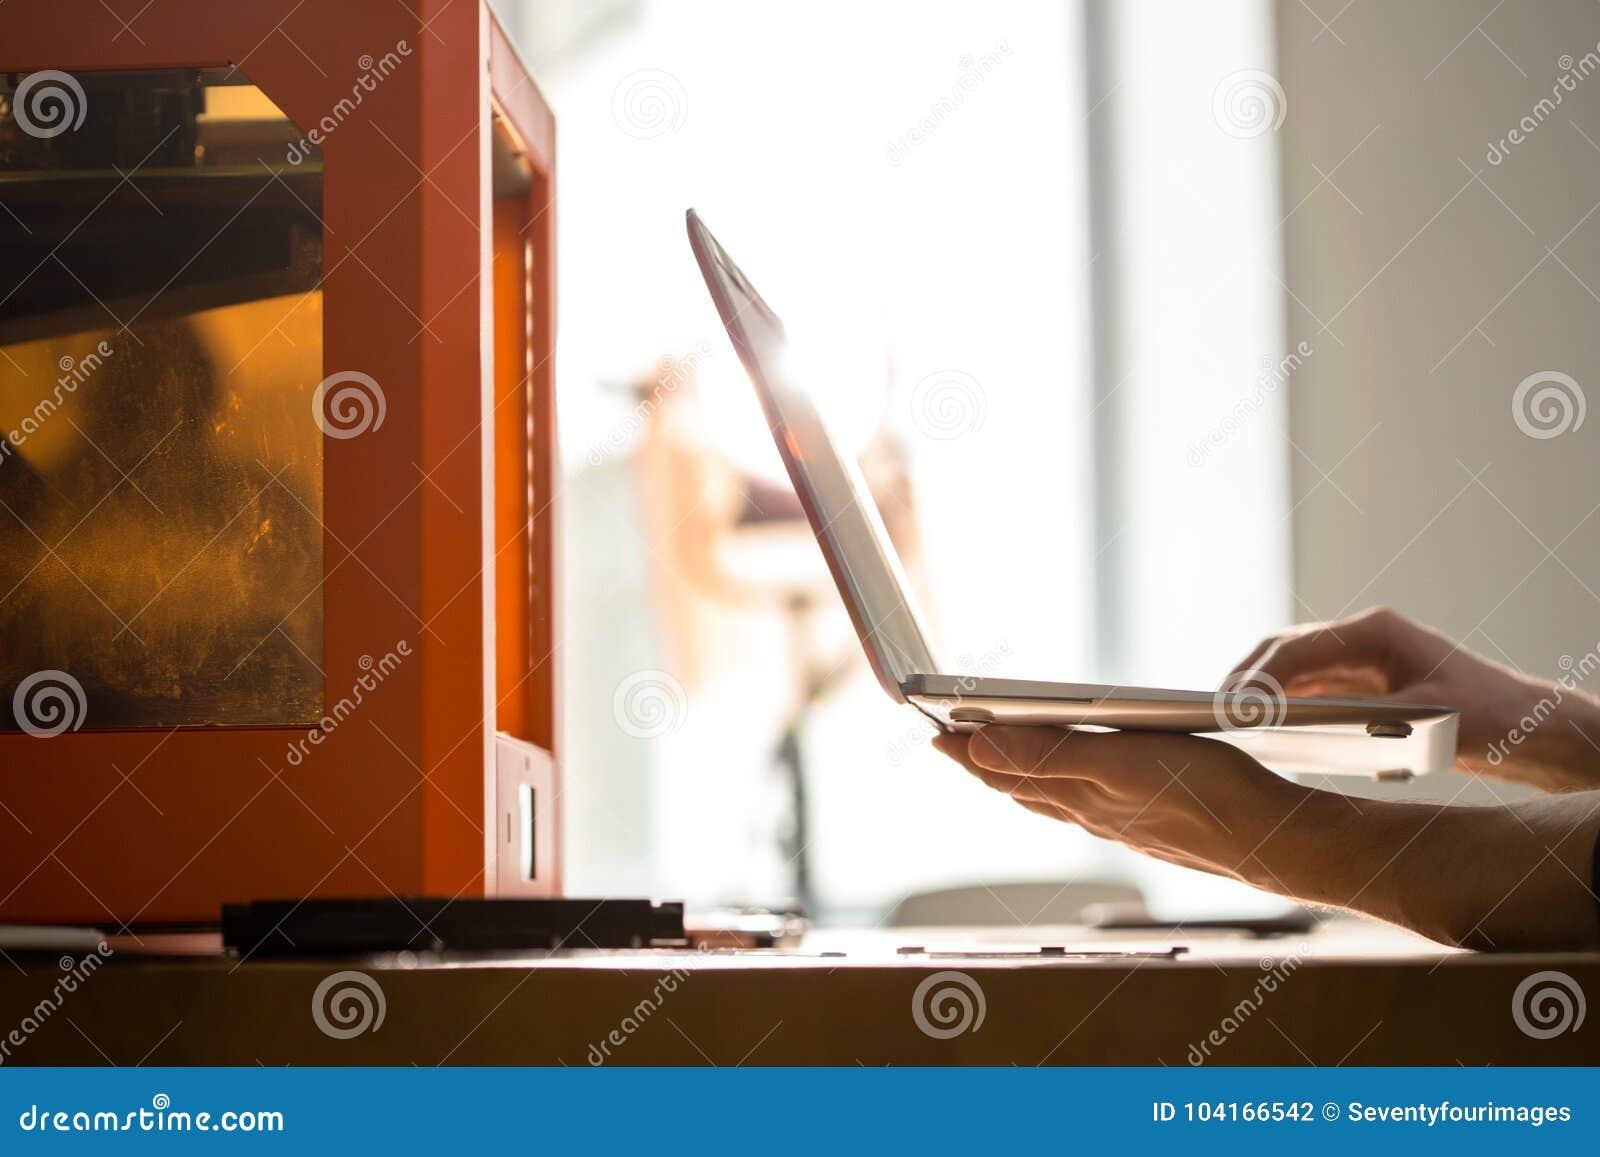 Εργασία με τον τρισδιάστατο εκτυπωτή